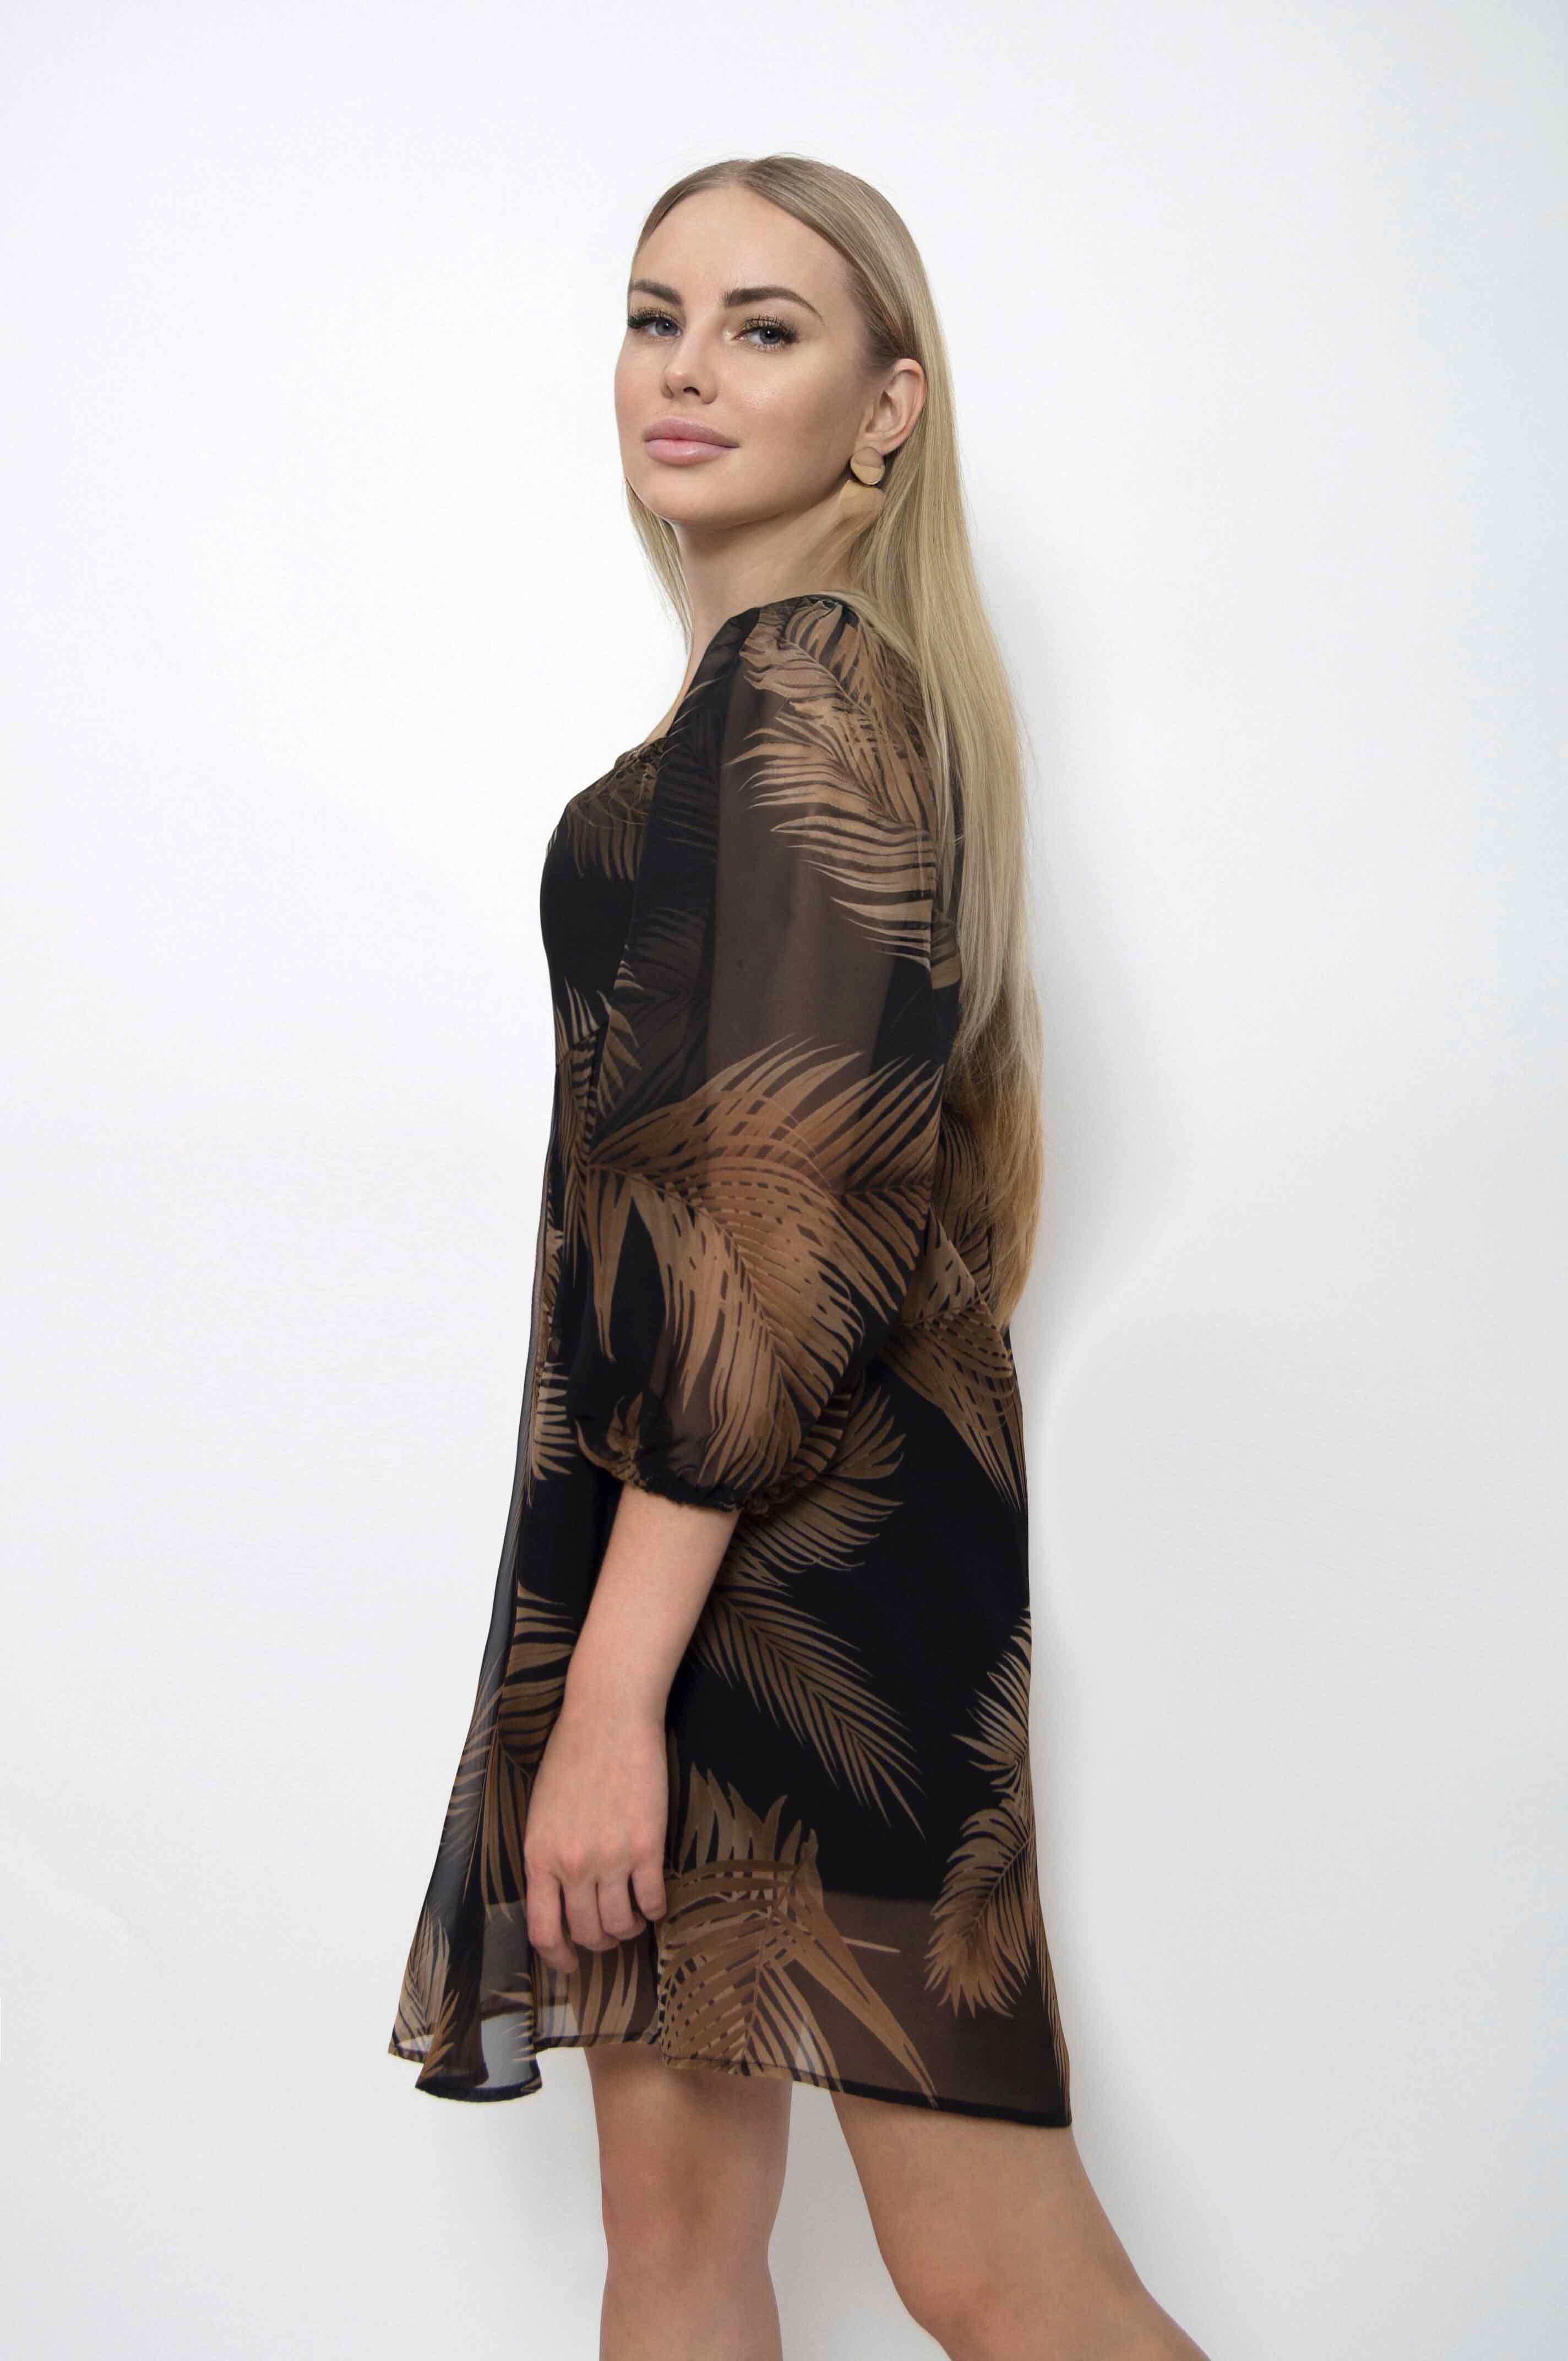 Платье из принтованного шифона на подкладе. Лиф фиксируется резинками по полочке и спинке,что обеспечивает идеальную посадку в области груди. Расклешенная юбка